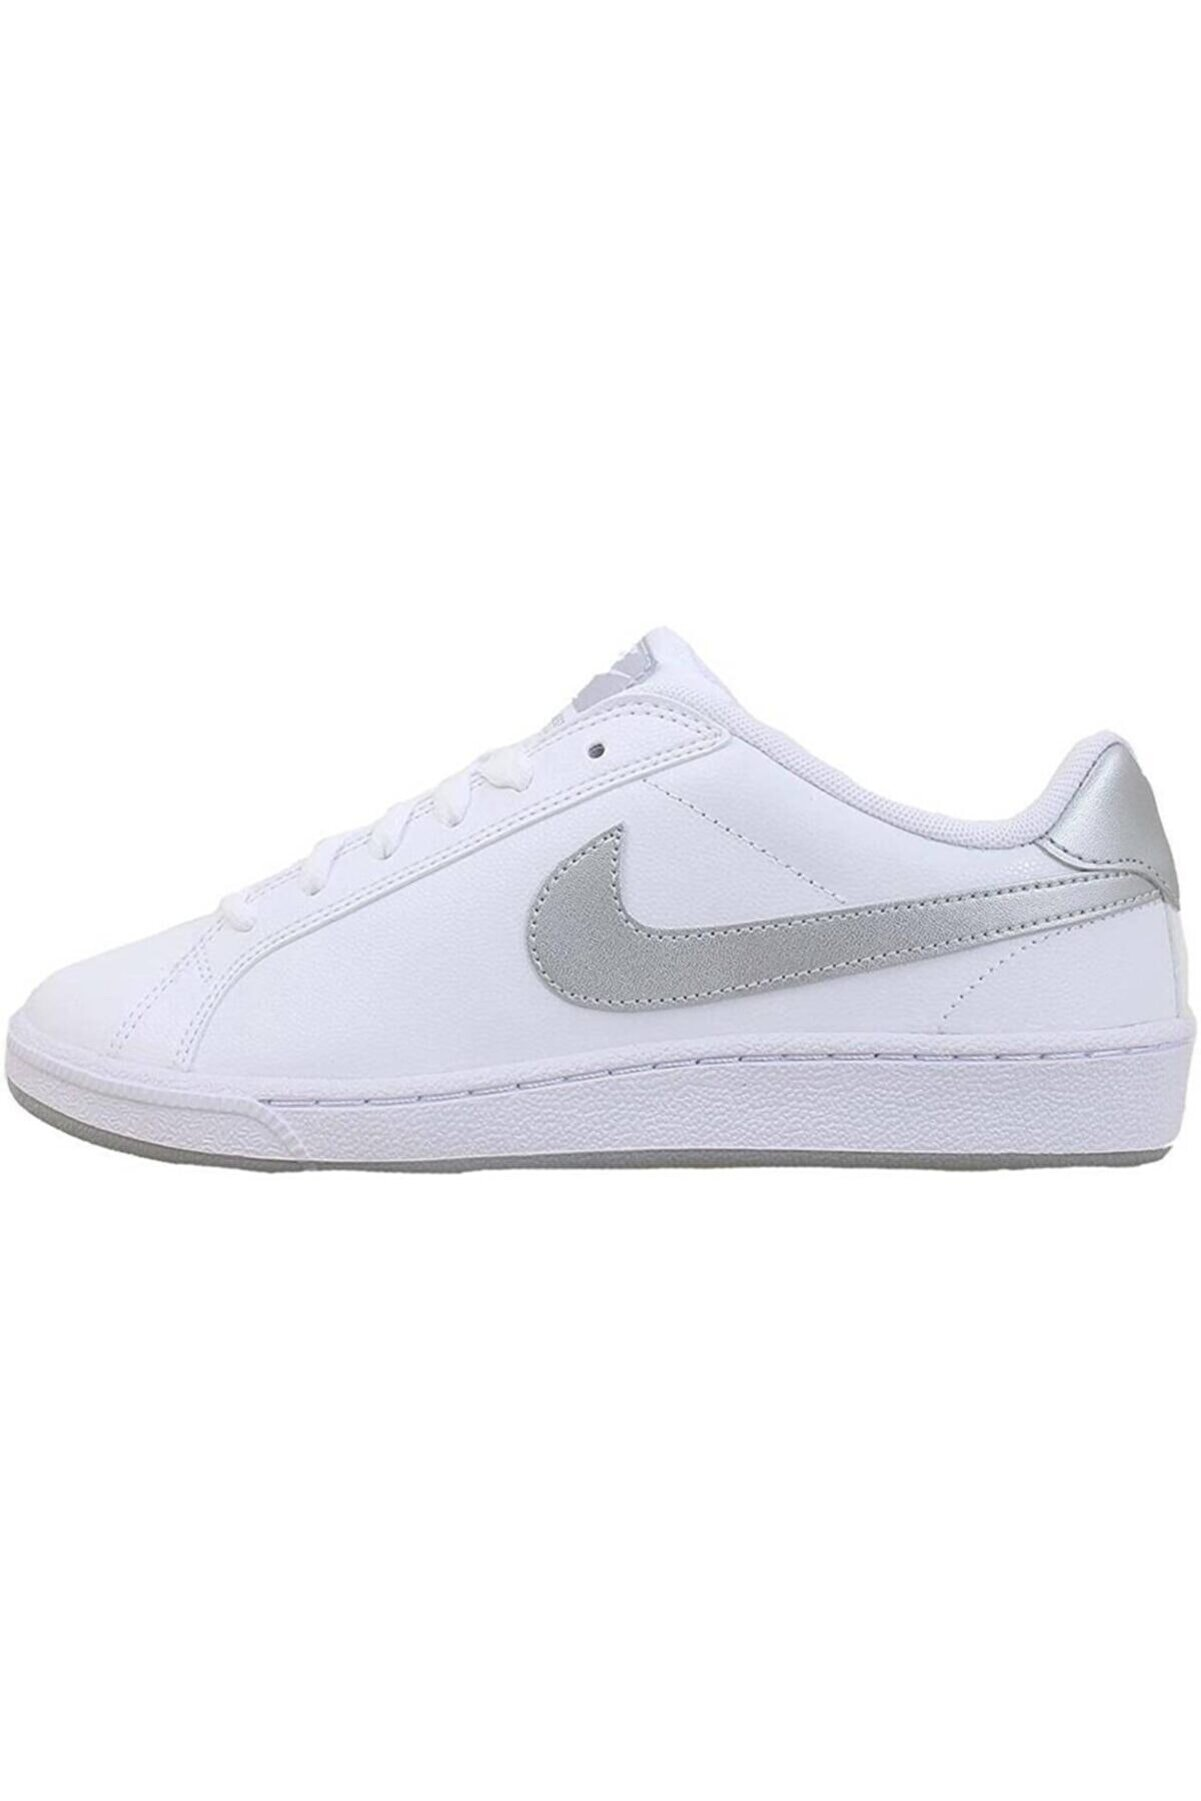 Nike Kadın Court Majestic Spor Ayakkabı 454256 114